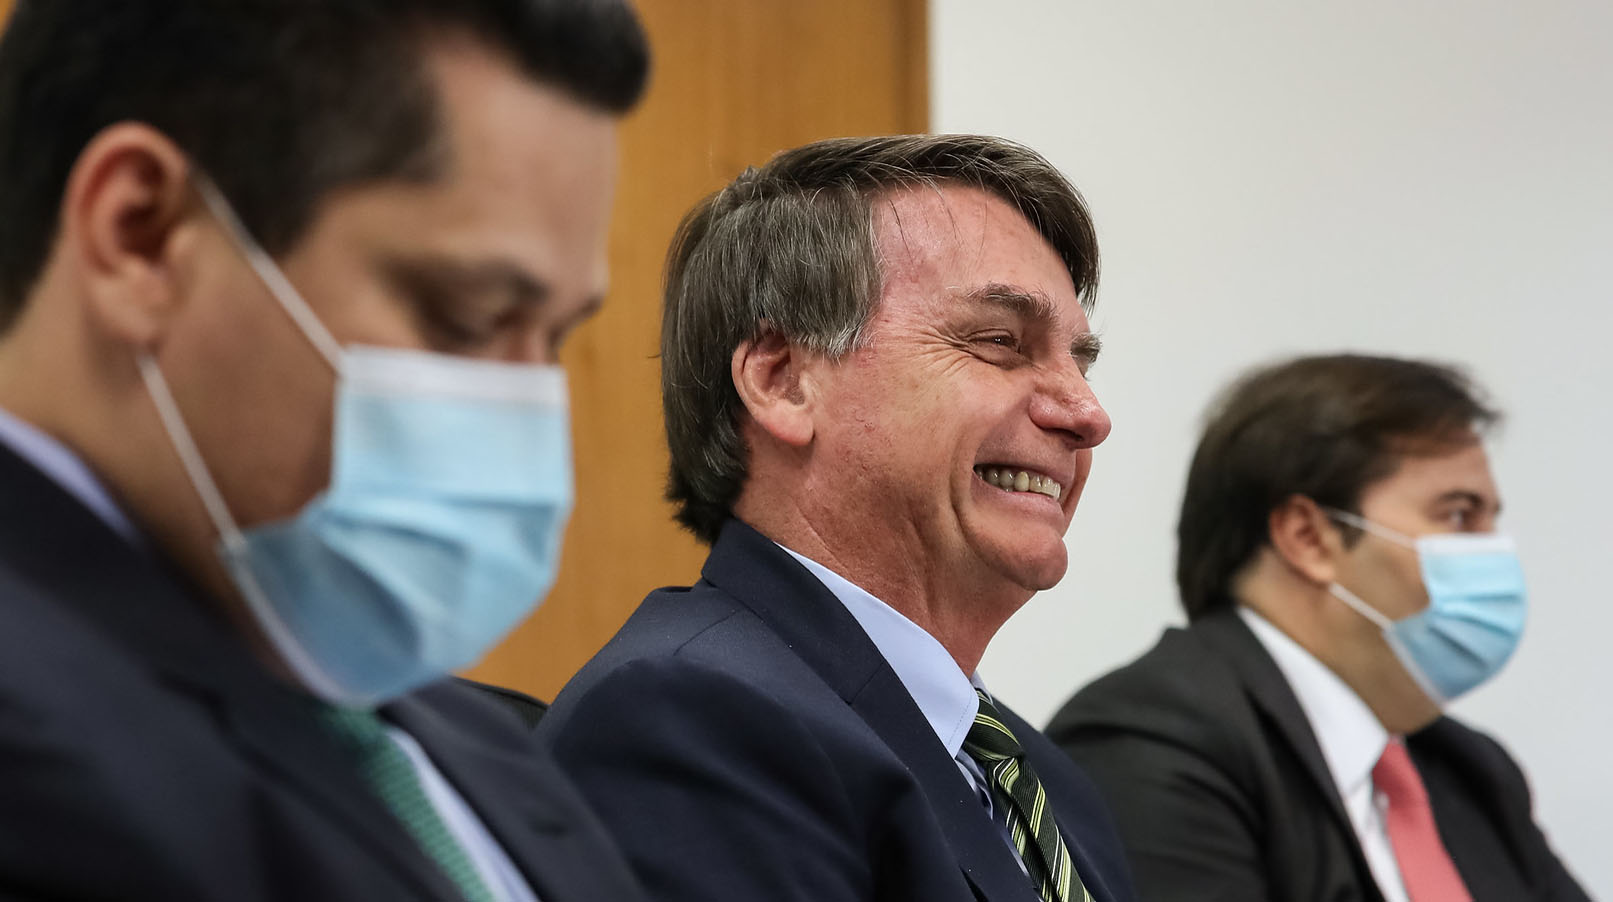 É mole! Bolsonaro veta indenização a profissionais de saúde incapacitados por coronavírus